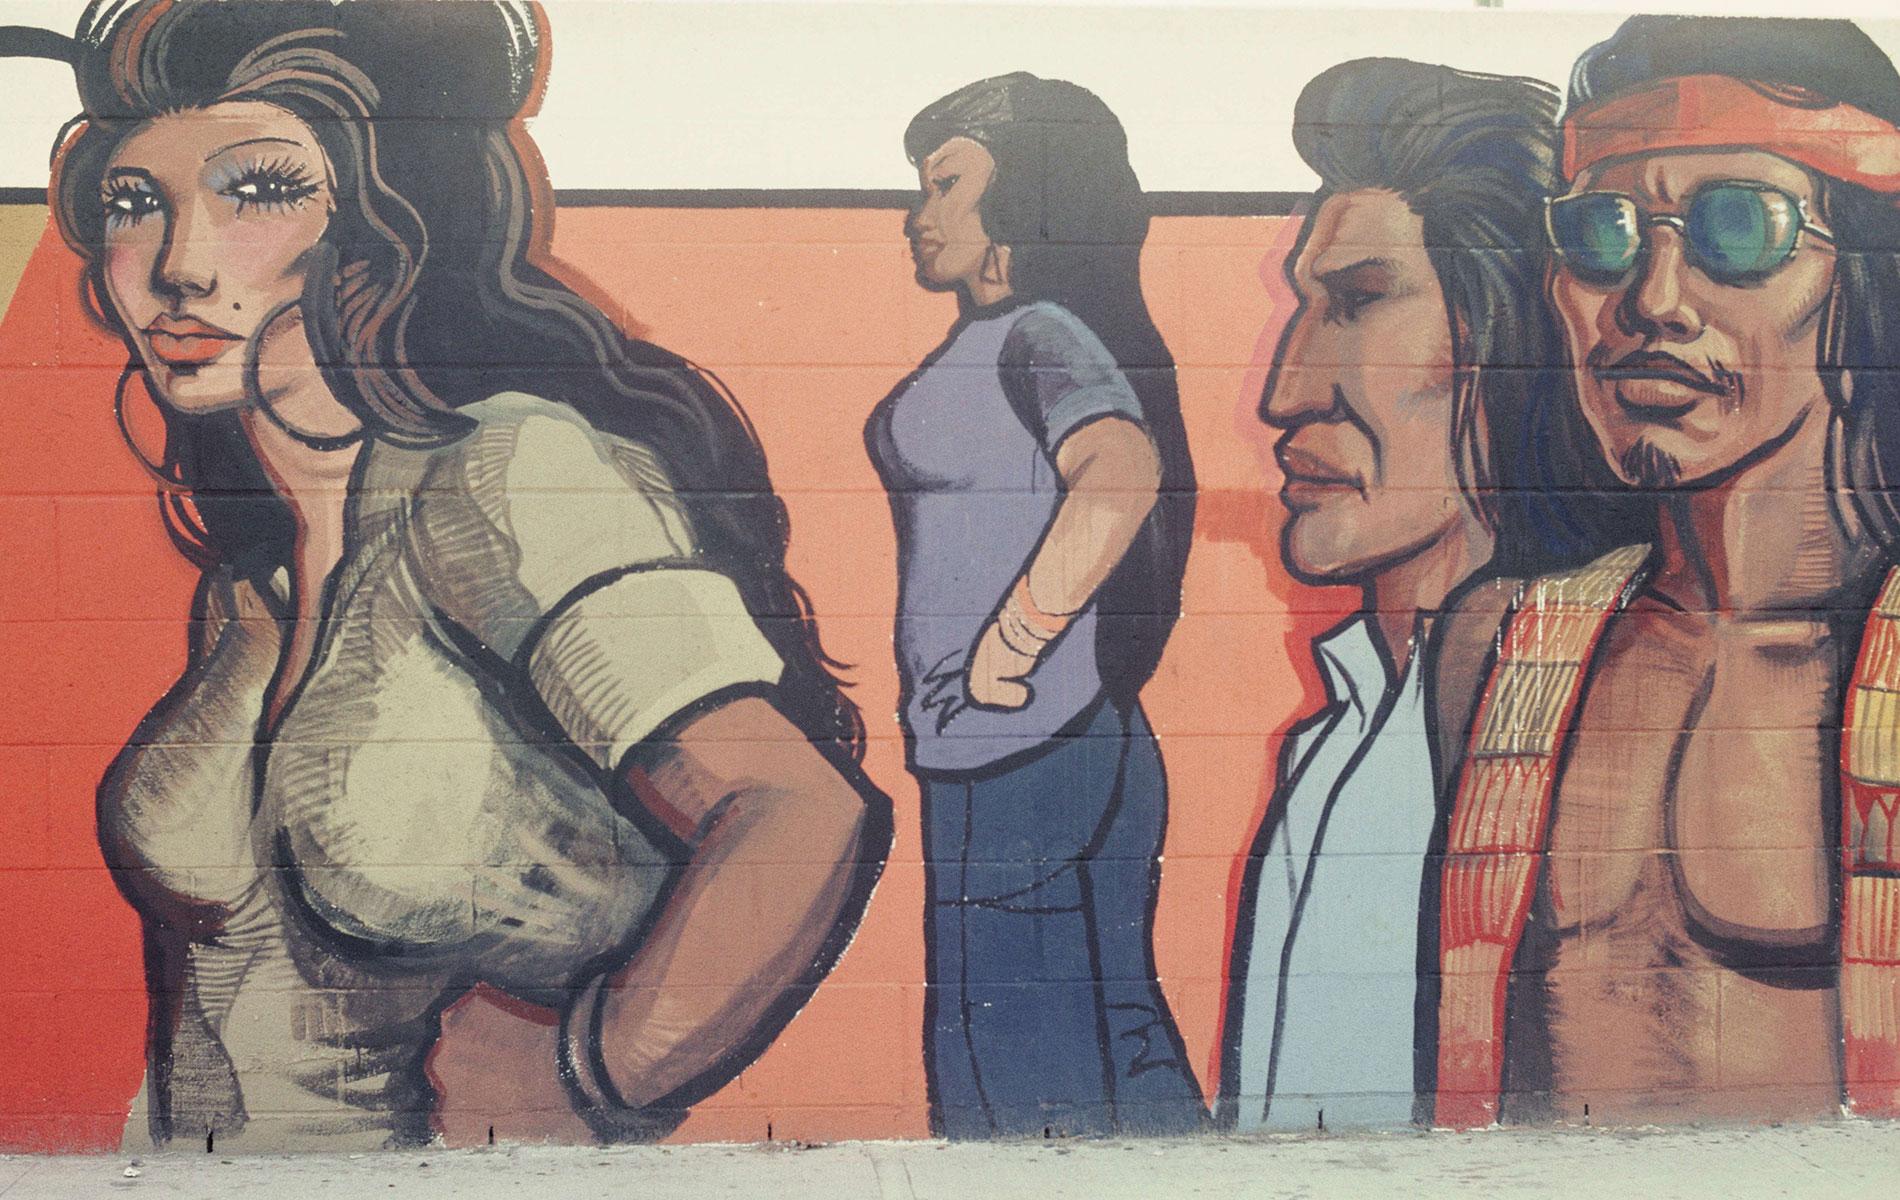 <h1>Mural detail, <em>Chicana/o Youth</em>, c. 1976</h1>